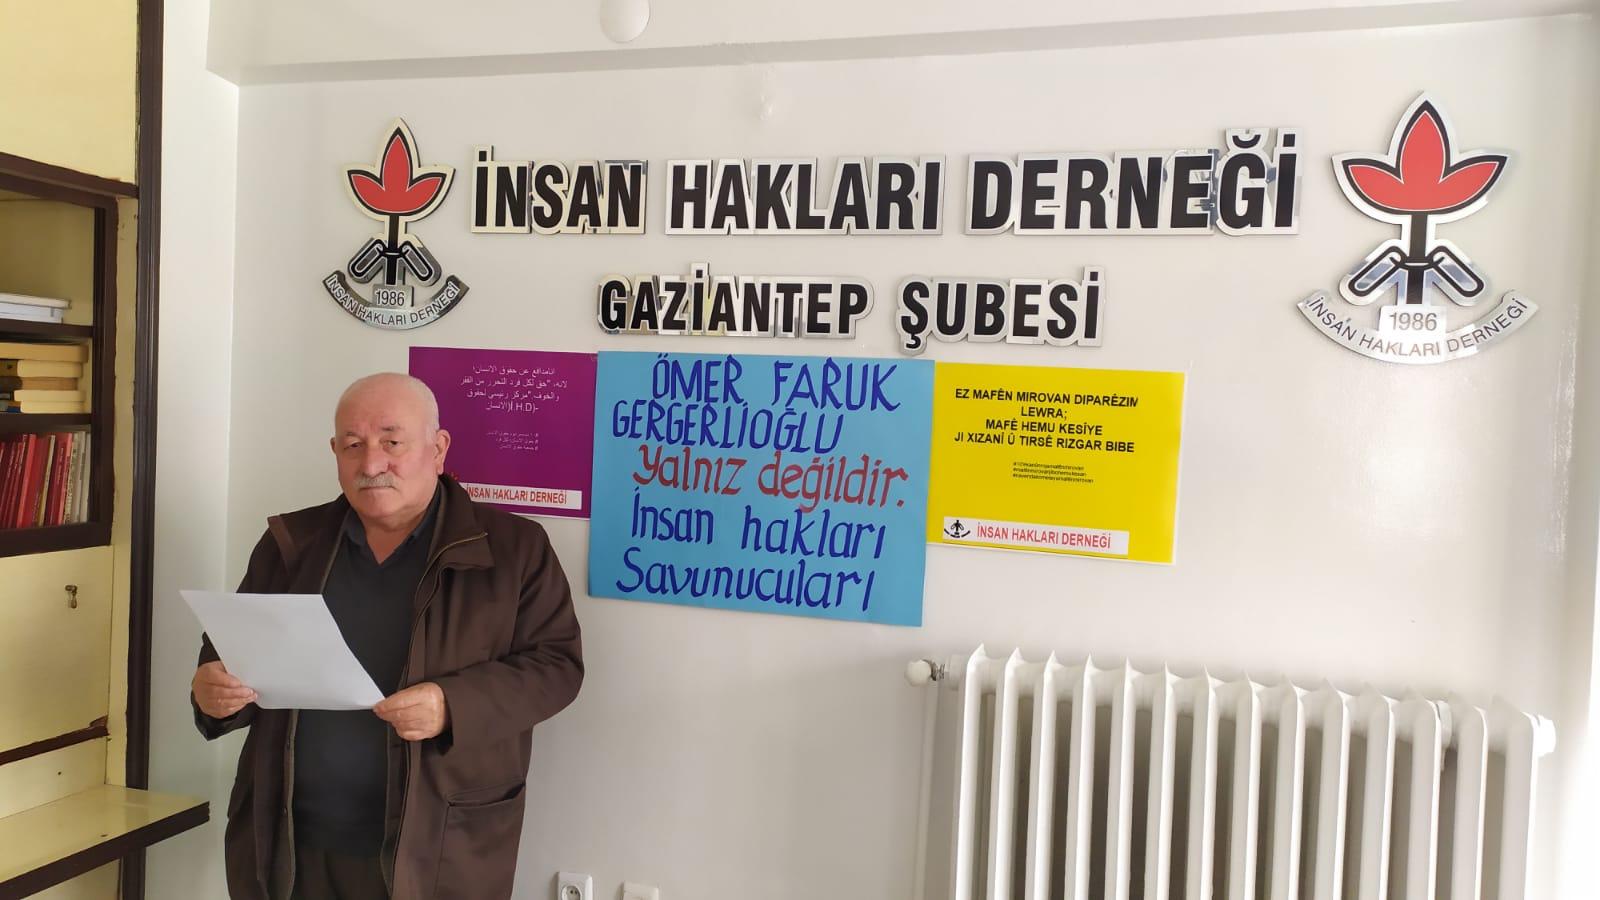 Gergerlioğlu ve HDP kapatılma davasına Gaziantep STK'lardan tepki